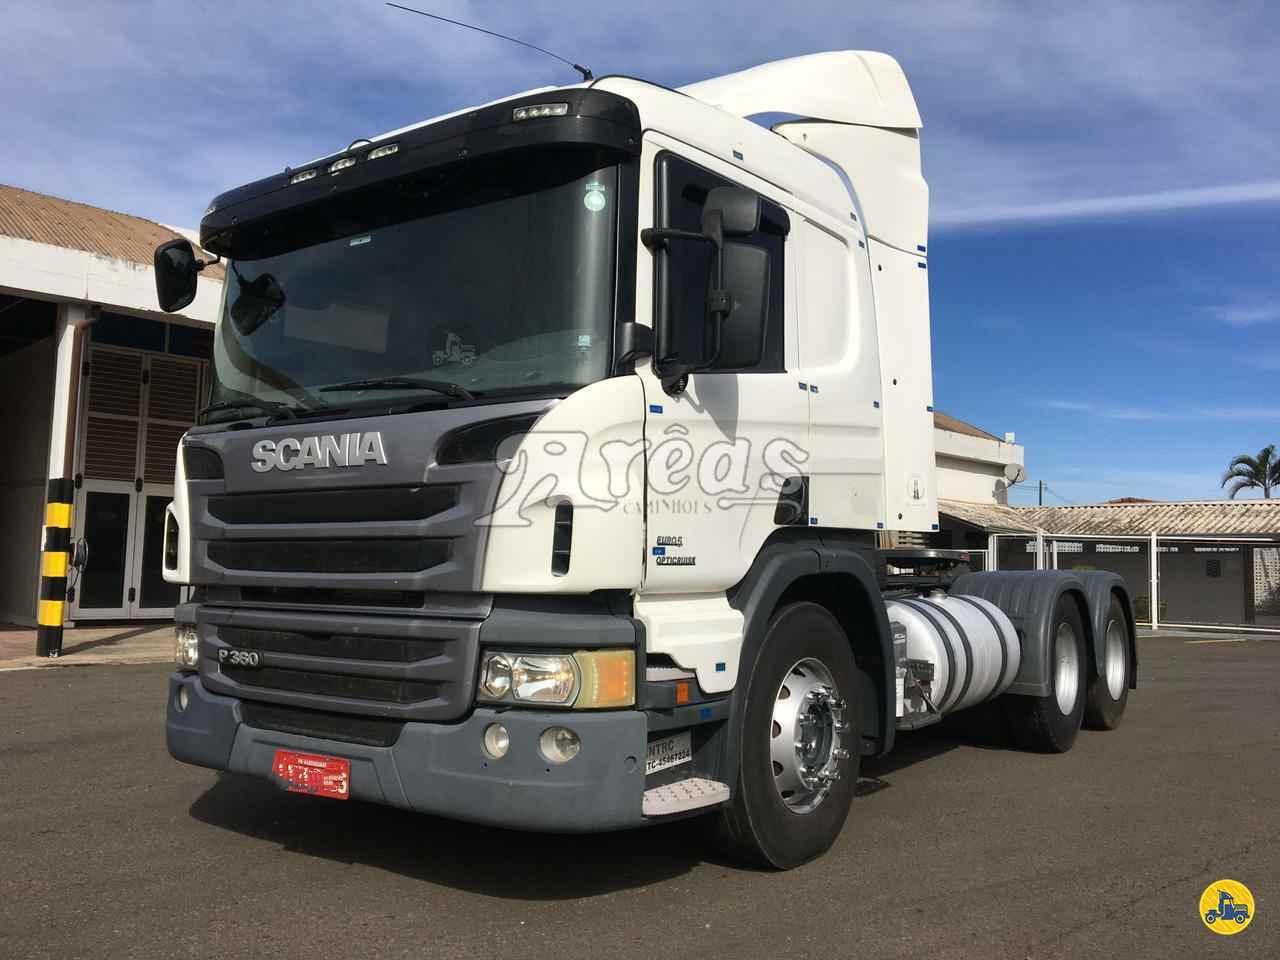 CAMINHAO SCANIA SCANIA P360 Cavalo Mecânico Truck 6x2 Arêas Caminhões MARINGA PARANÁ PR